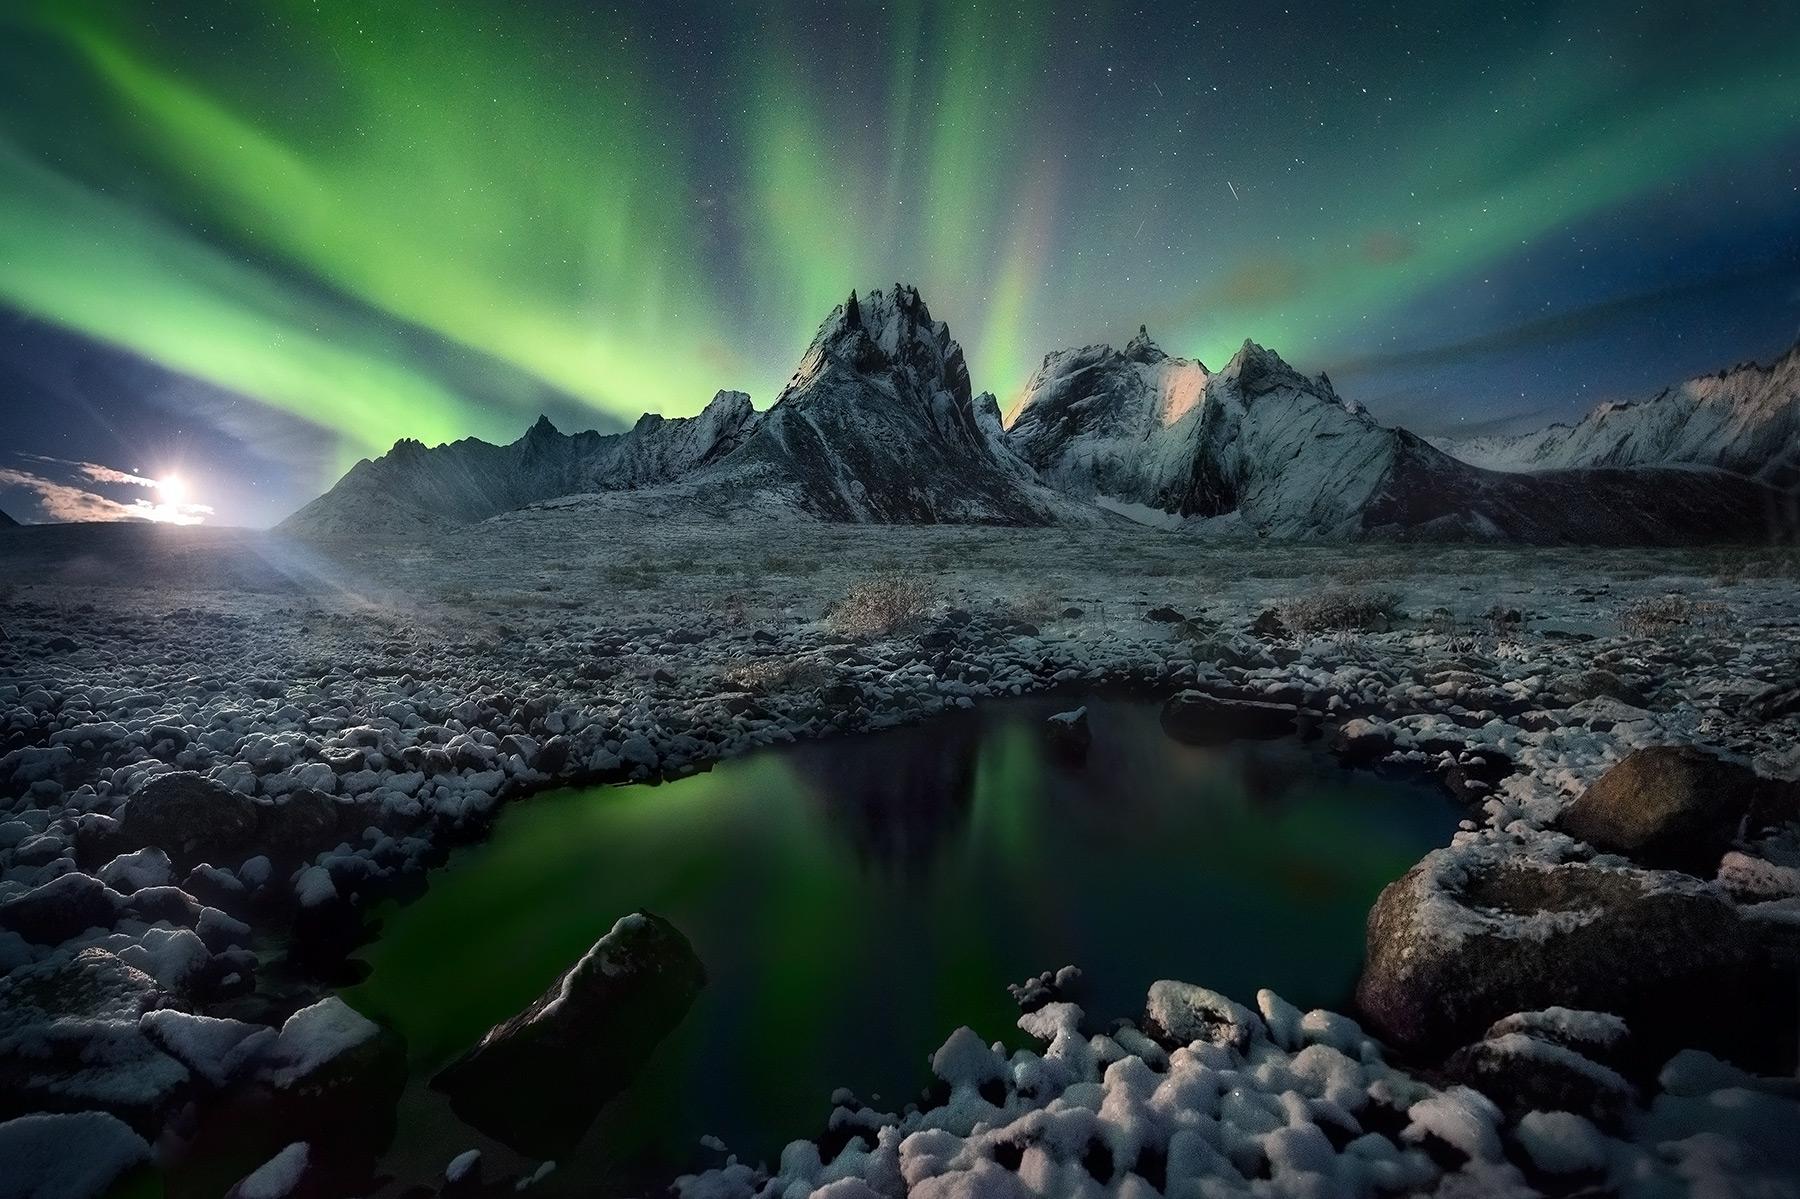 Mountains, Aurora, Tombstone, yukon, moonlight, photo